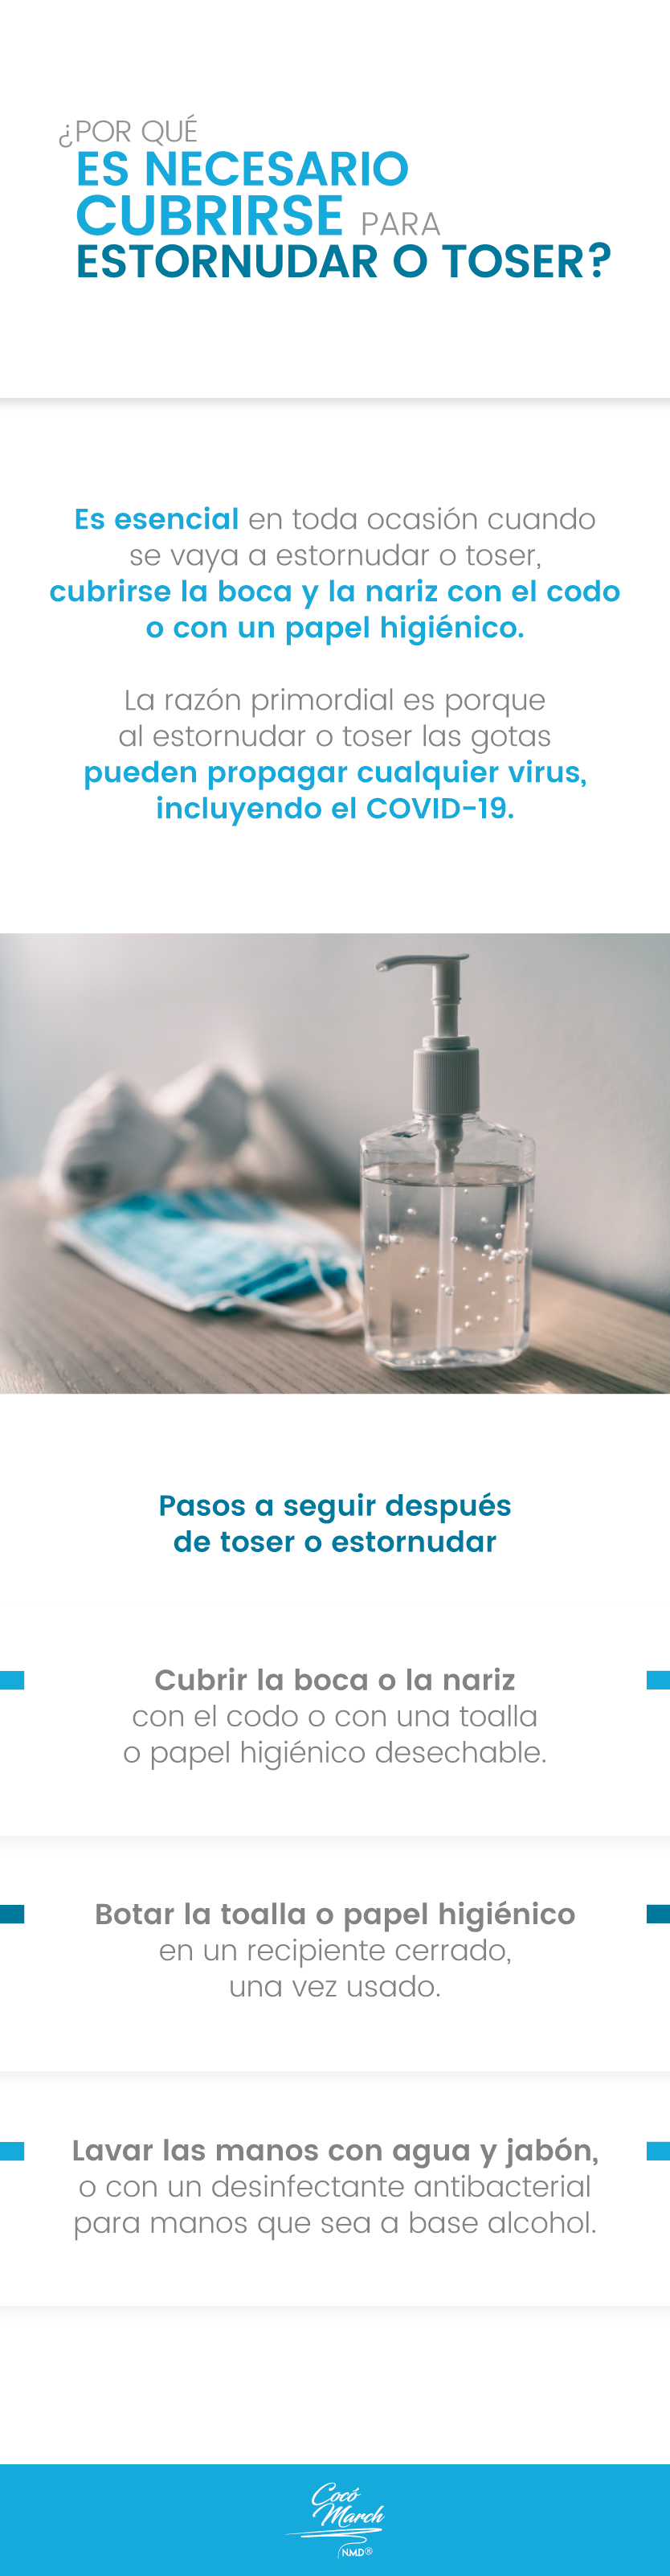 cubrirse-al-estornudar-coronavirus-covid-19